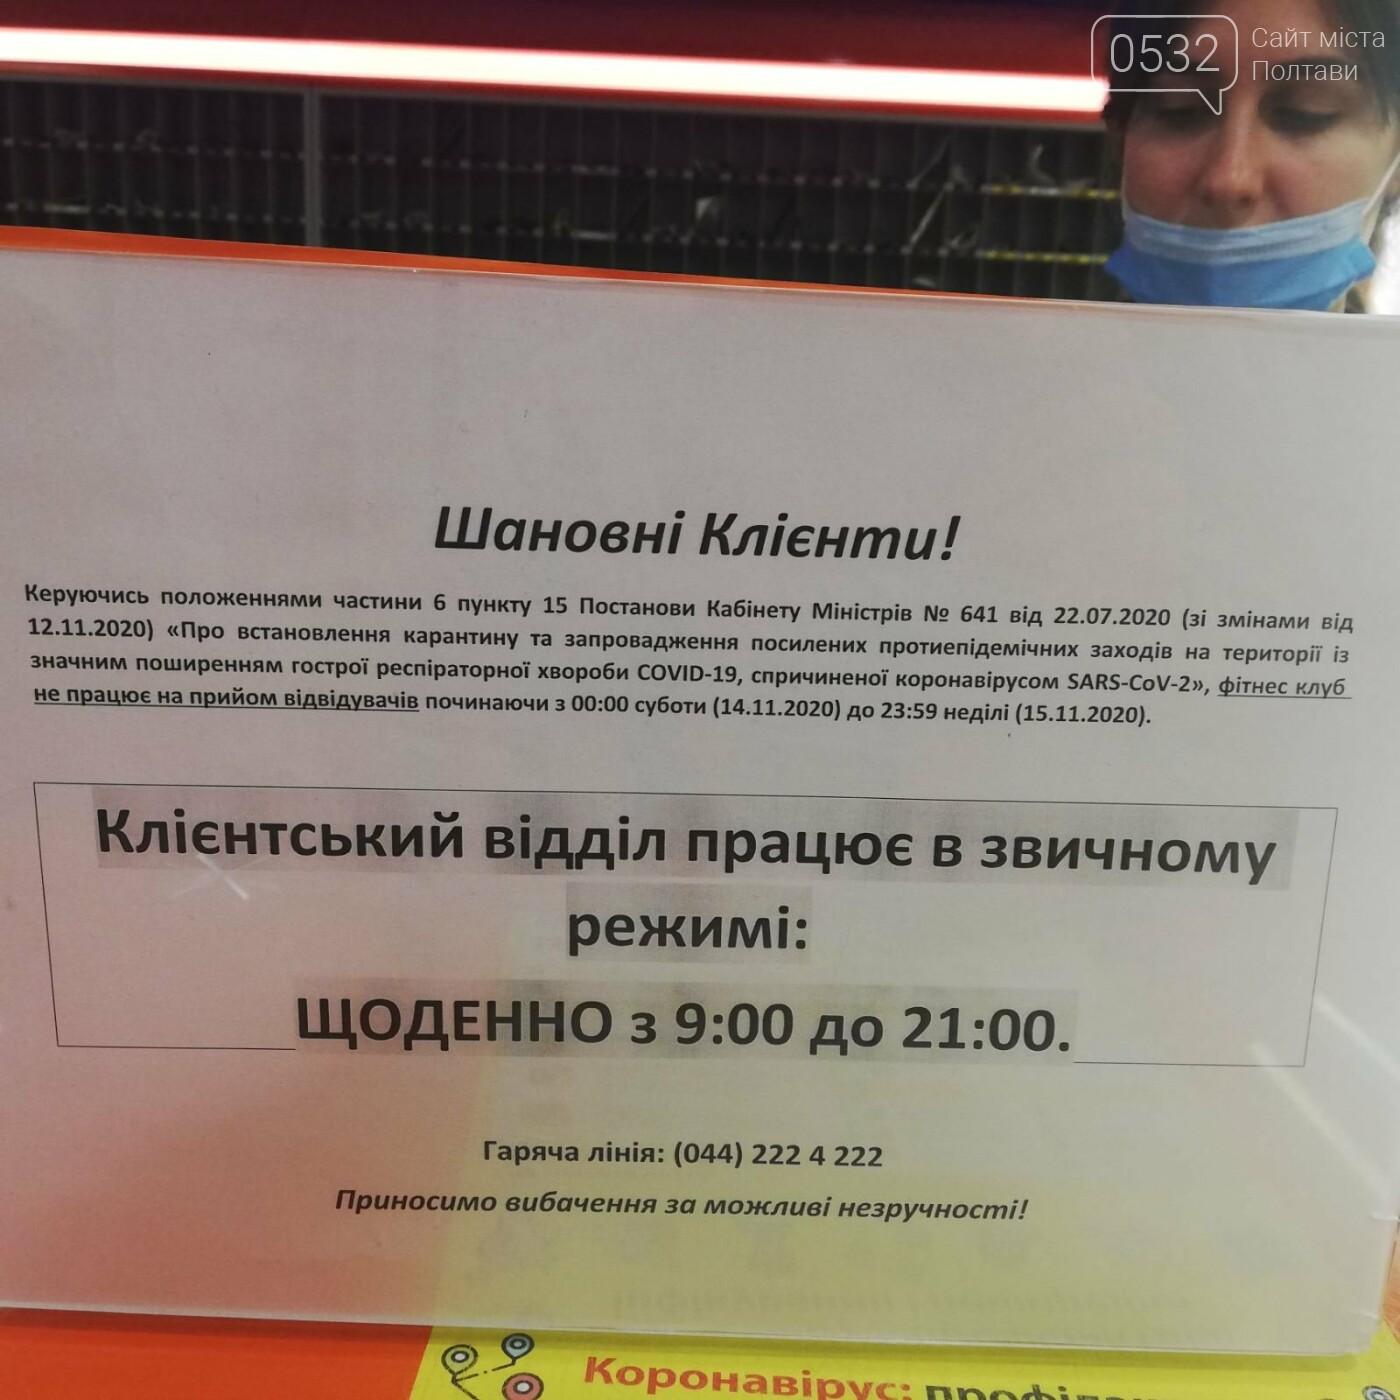 Зачинений «Епіцентр», порожні фітнес - центри – У Полтаві  карантин  вихідного дня, фото-4